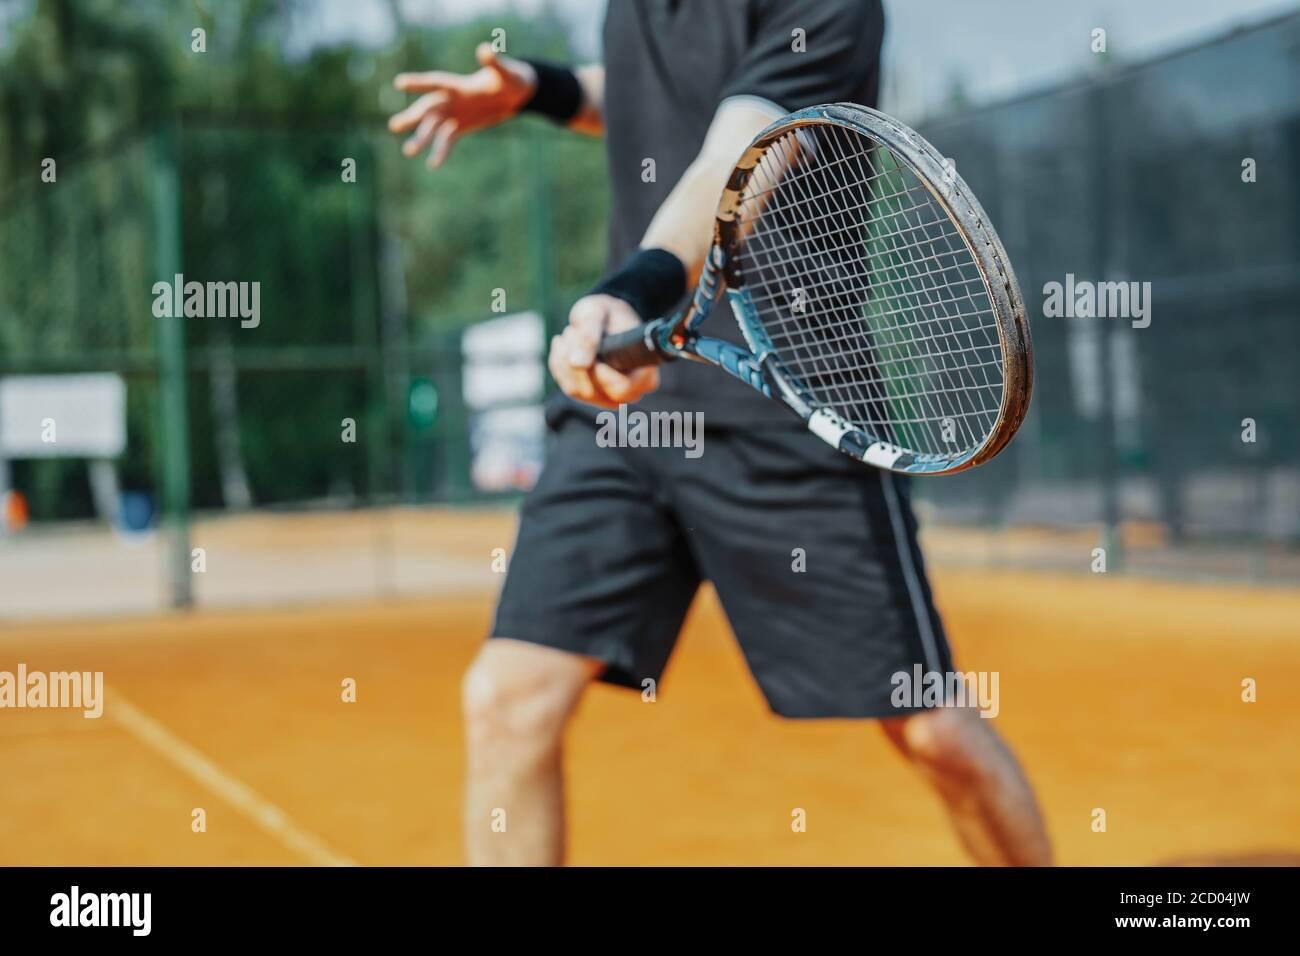 Gros plan de l'homme jouant au tennis sur le court et battant le ballon avec une raquette. Le joueur frappe le ballon avec une raquette pendant qu'il joue au match Banque D'Images